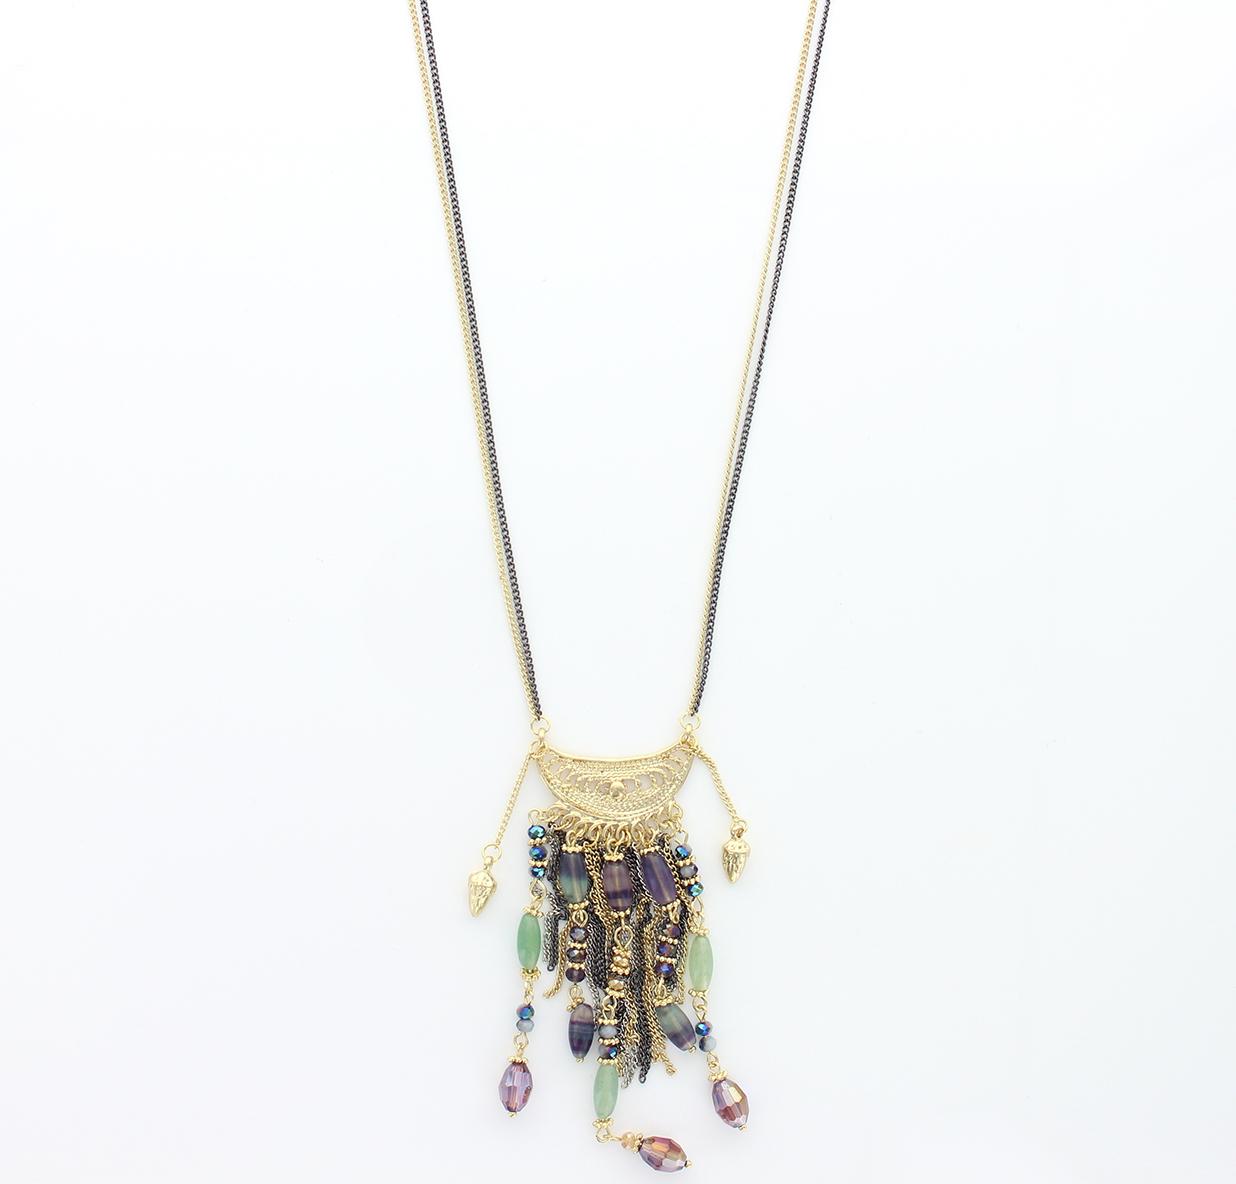 Long beaded chandelier chain best of everything online shopping - Chandelier online shopping ...